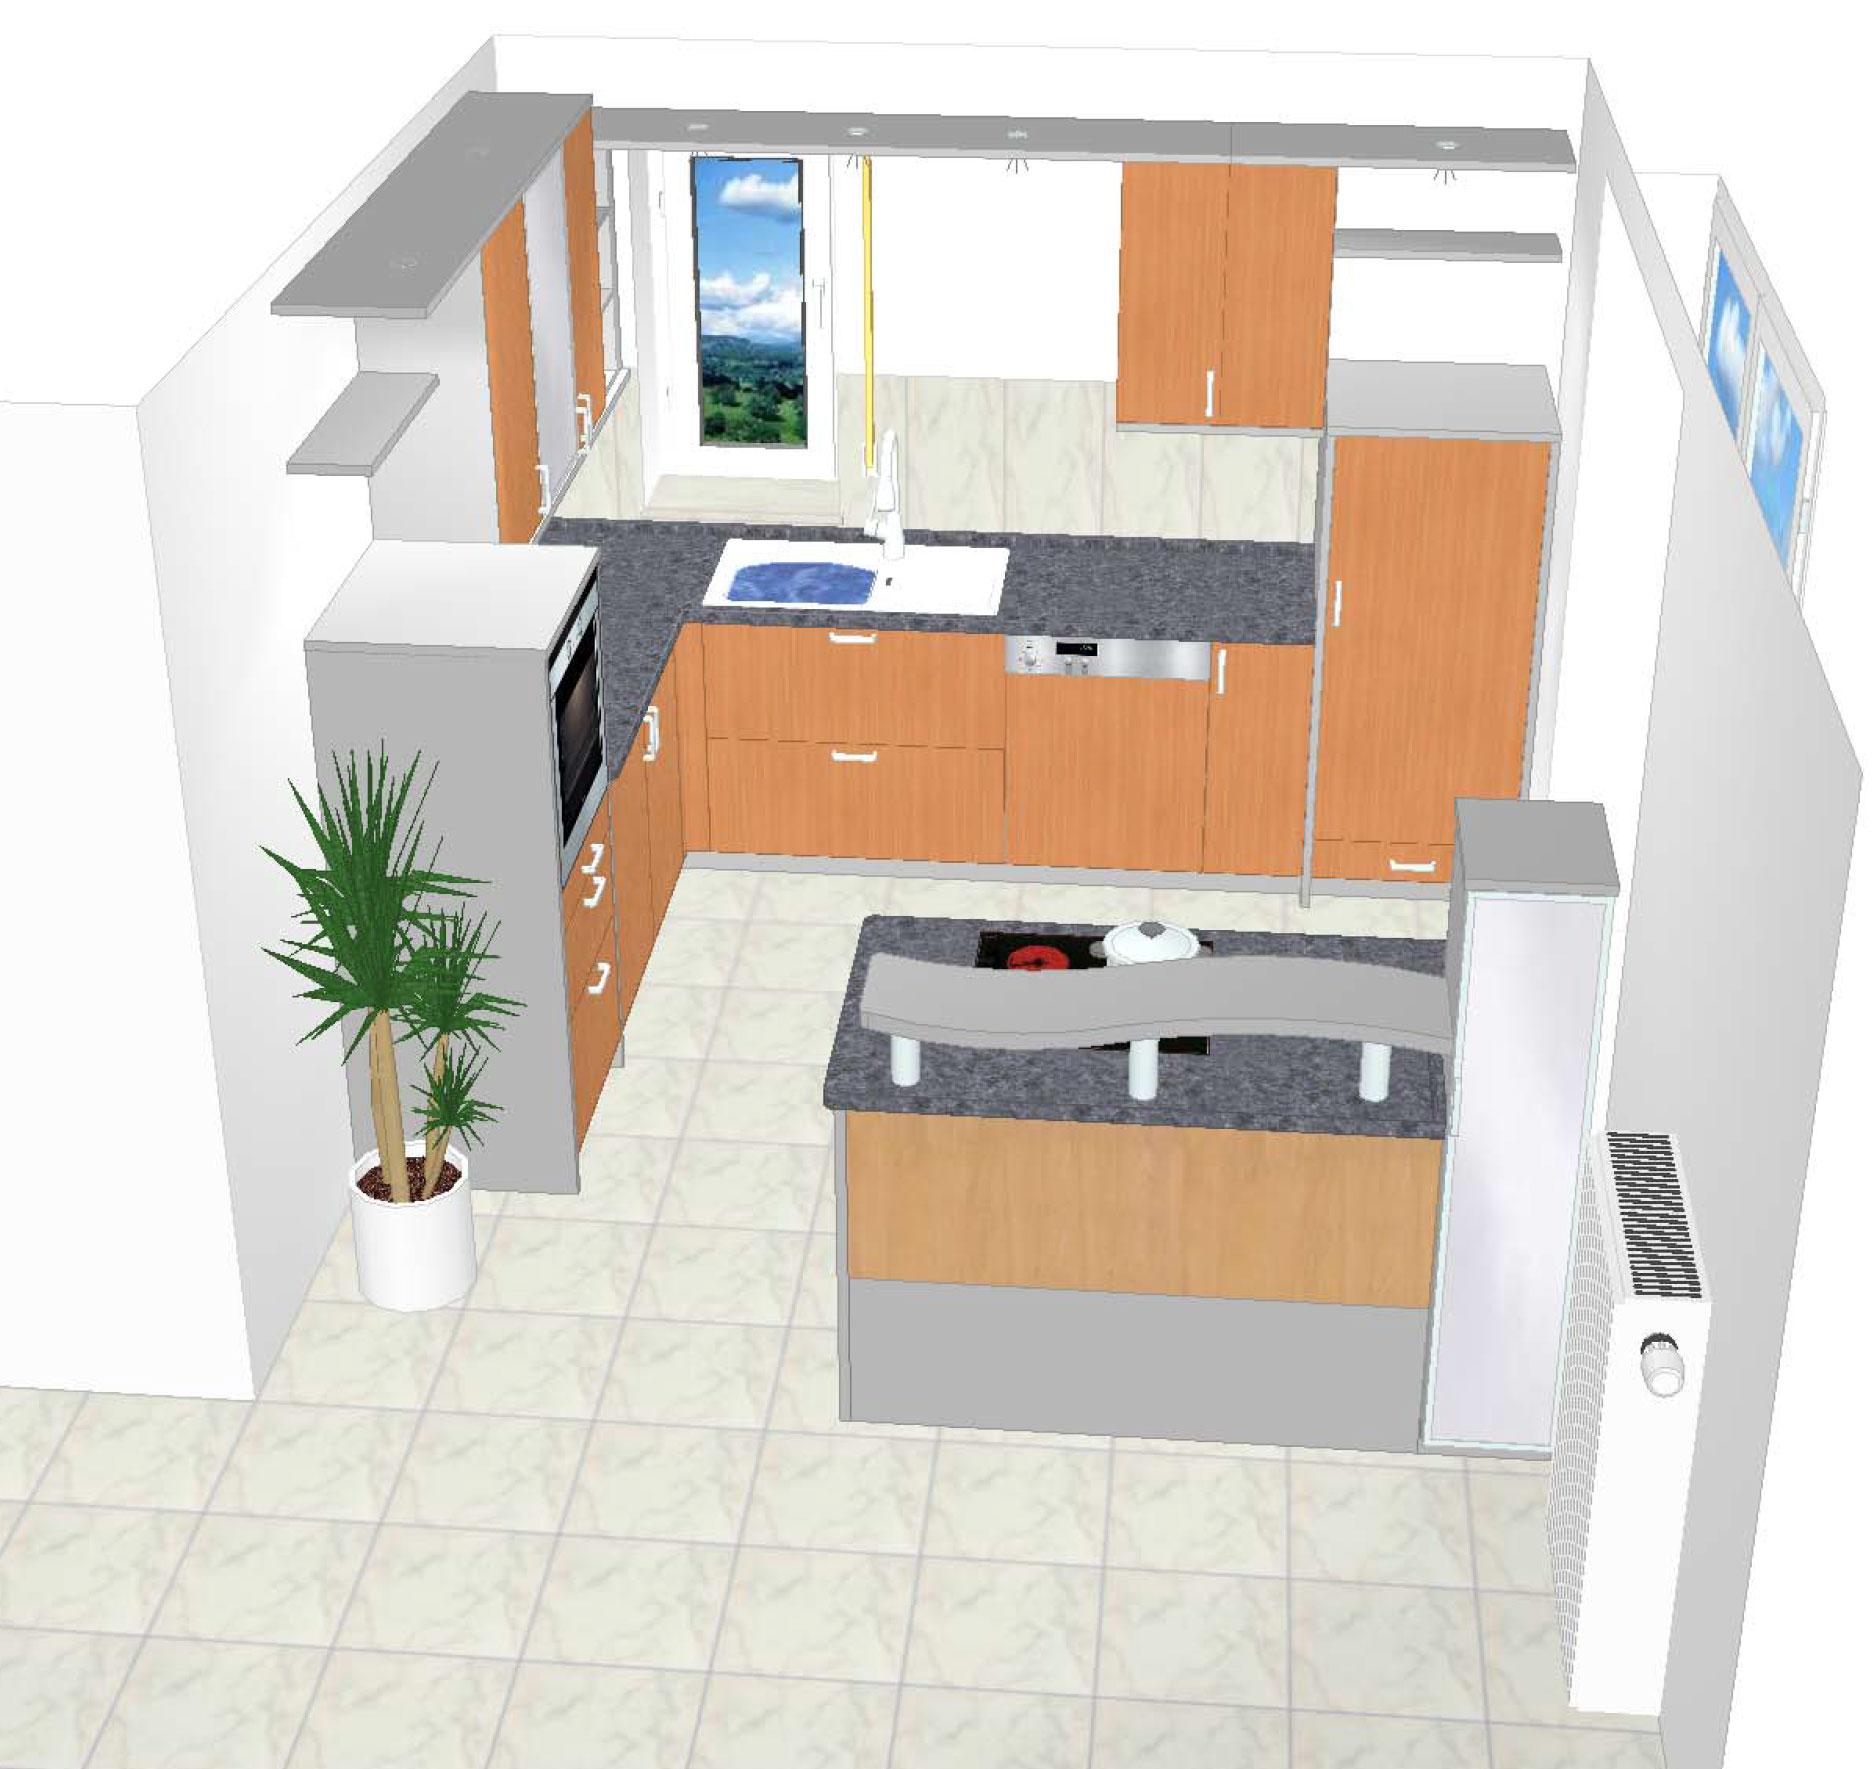 k chenmerk eine idee besser. Black Bedroom Furniture Sets. Home Design Ideas